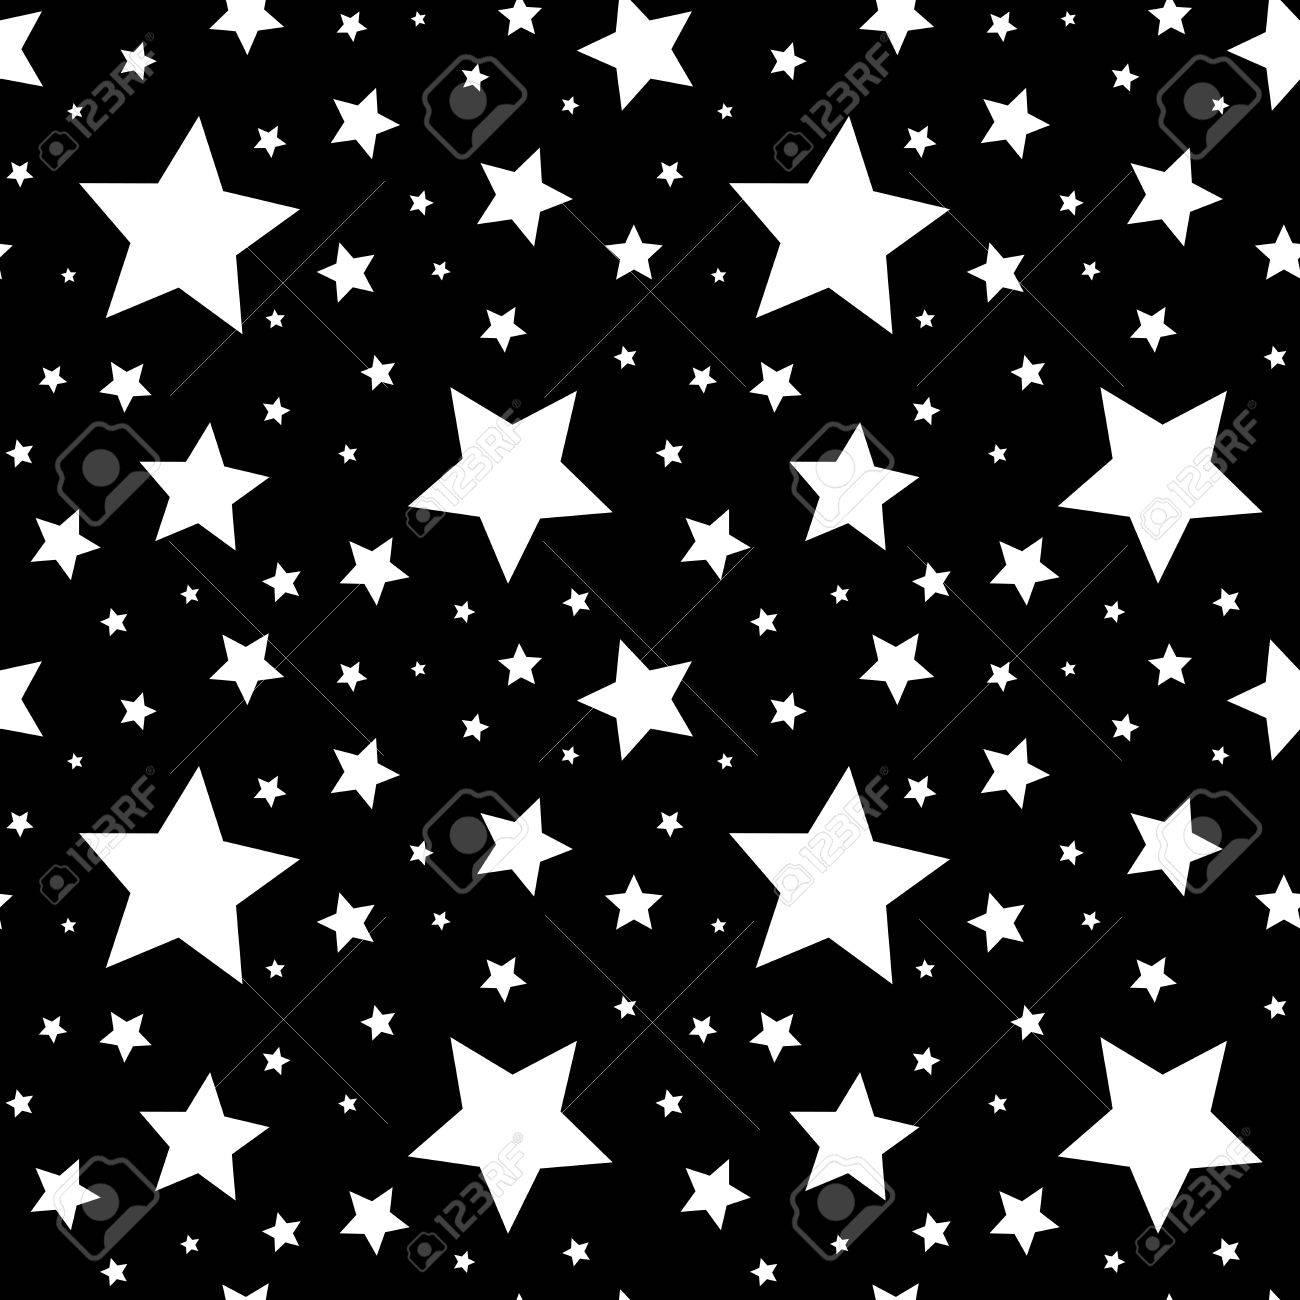 Seamless Avec Des étoiles Blanches Sur Fond Noir